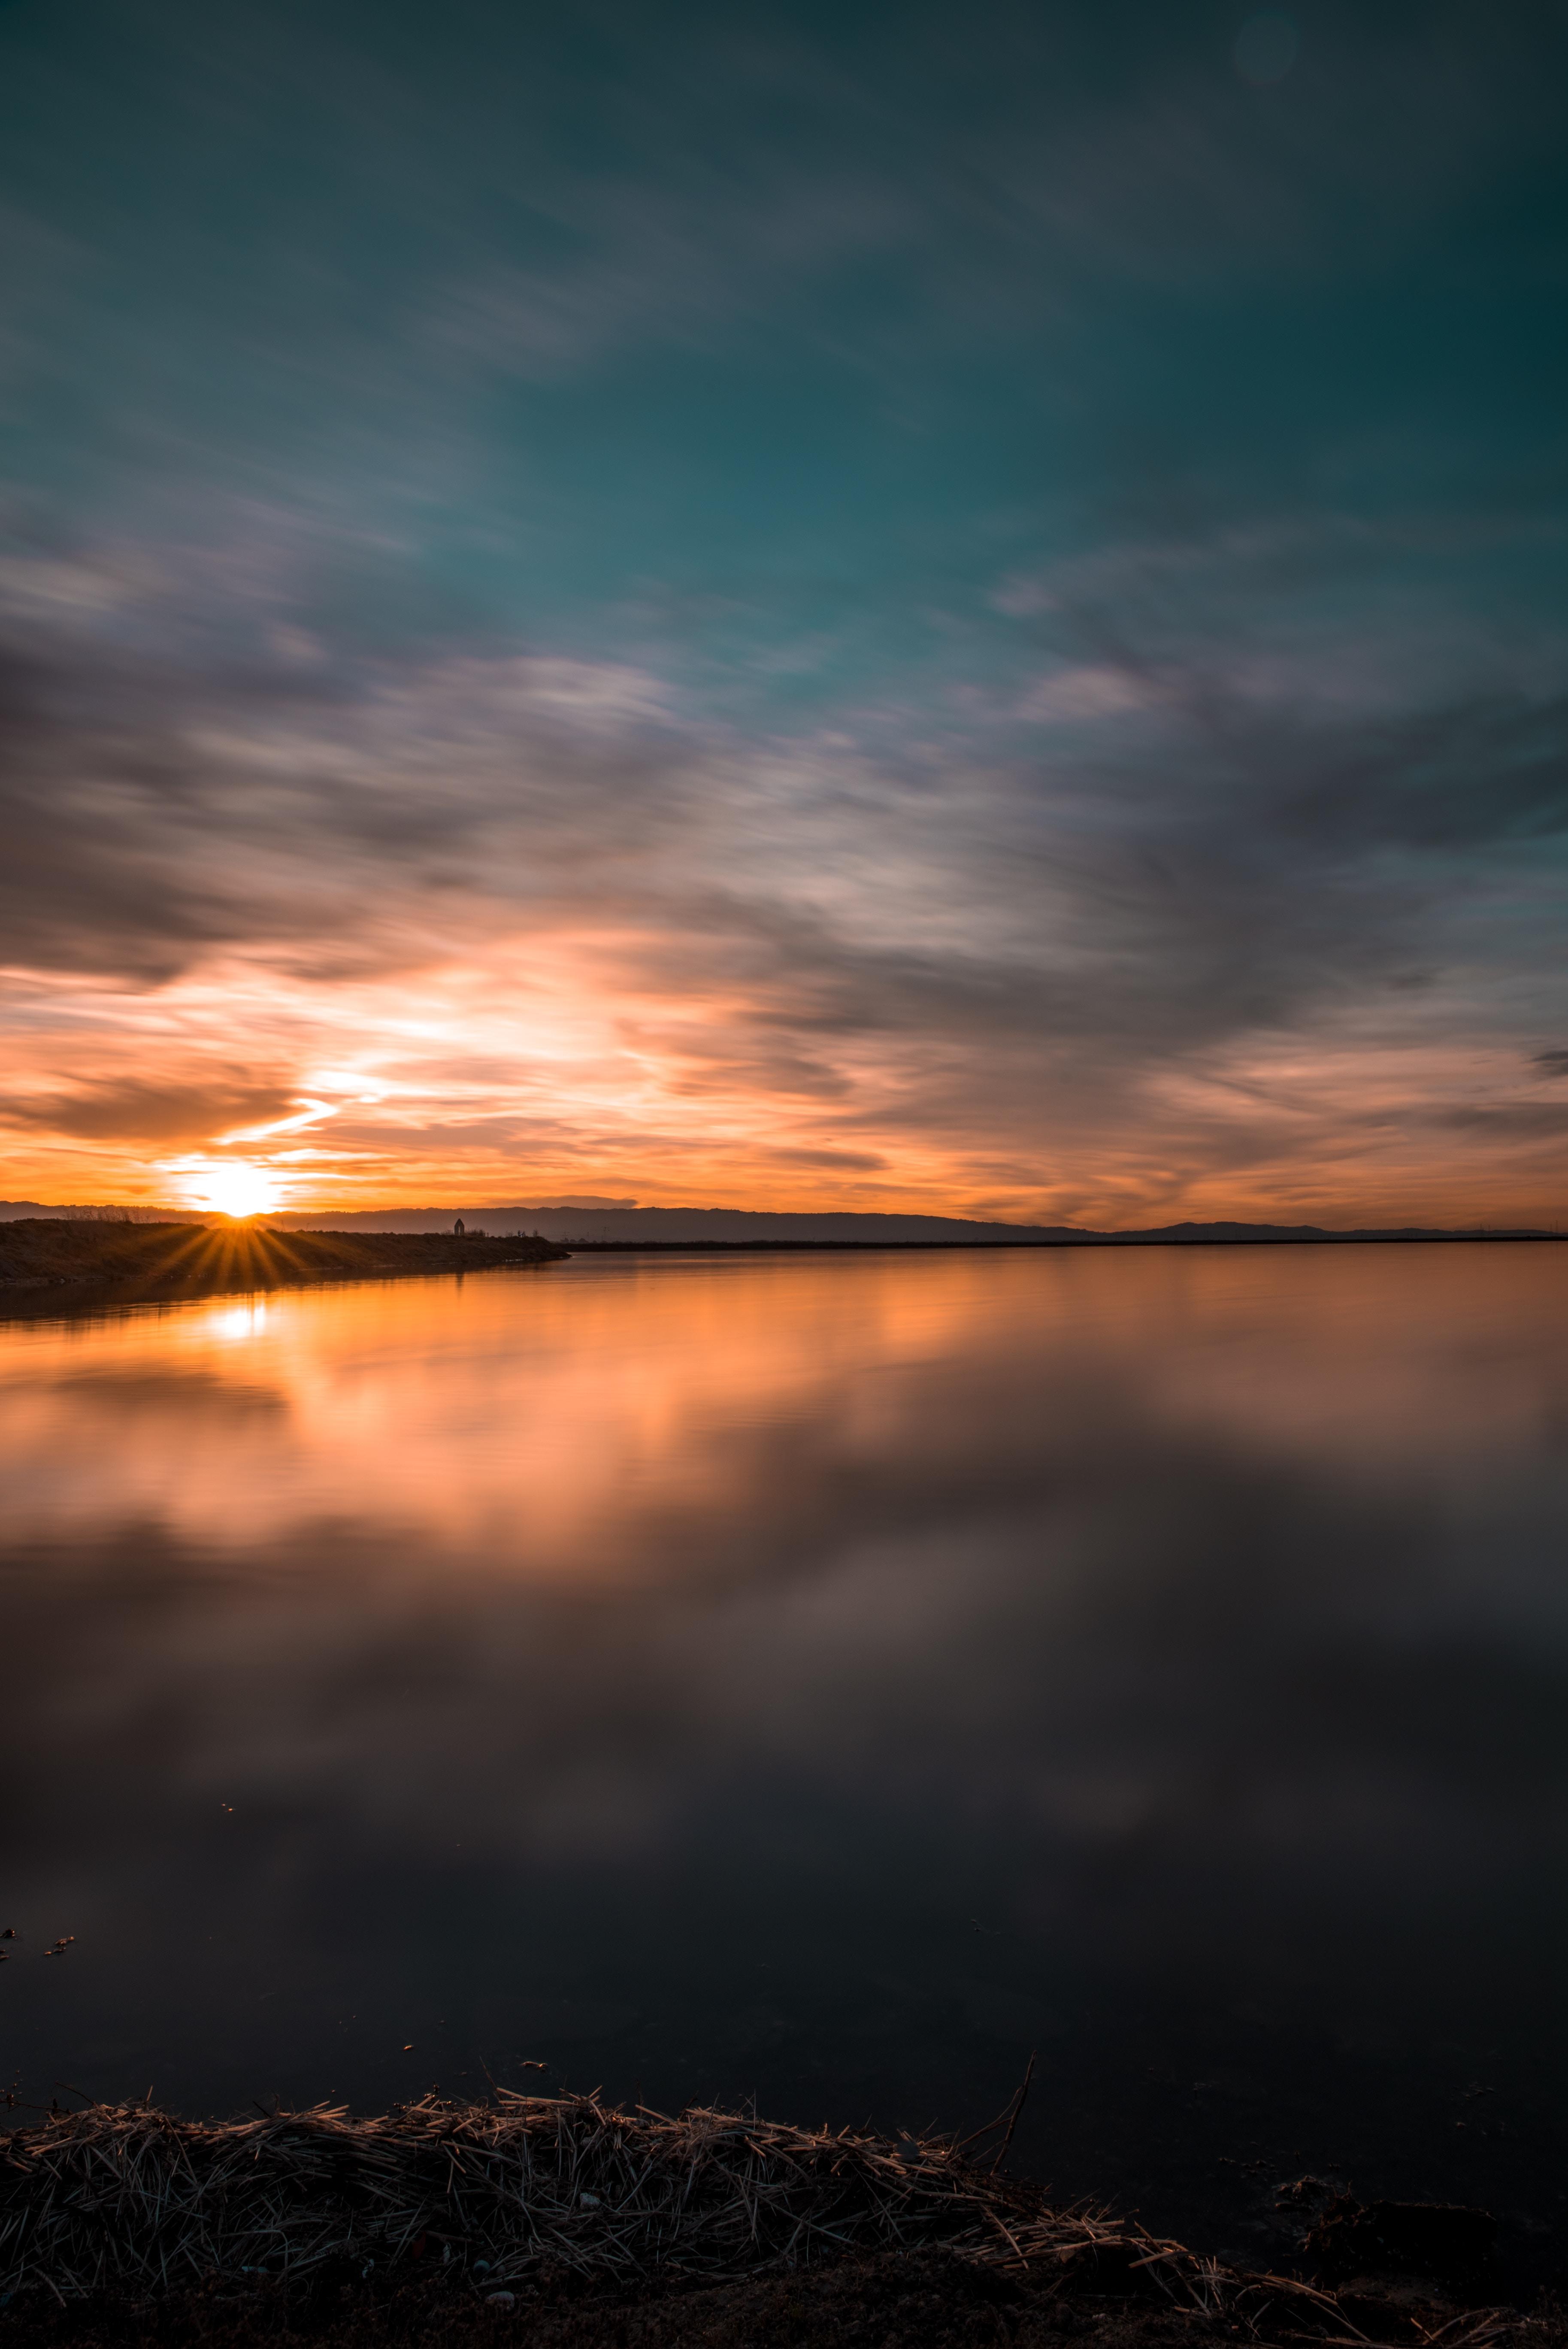 81862 Заставки и Обои Озеро на телефон. Скачать Озеро, Горизонт, Закат, Природа, Небо картинки бесплатно